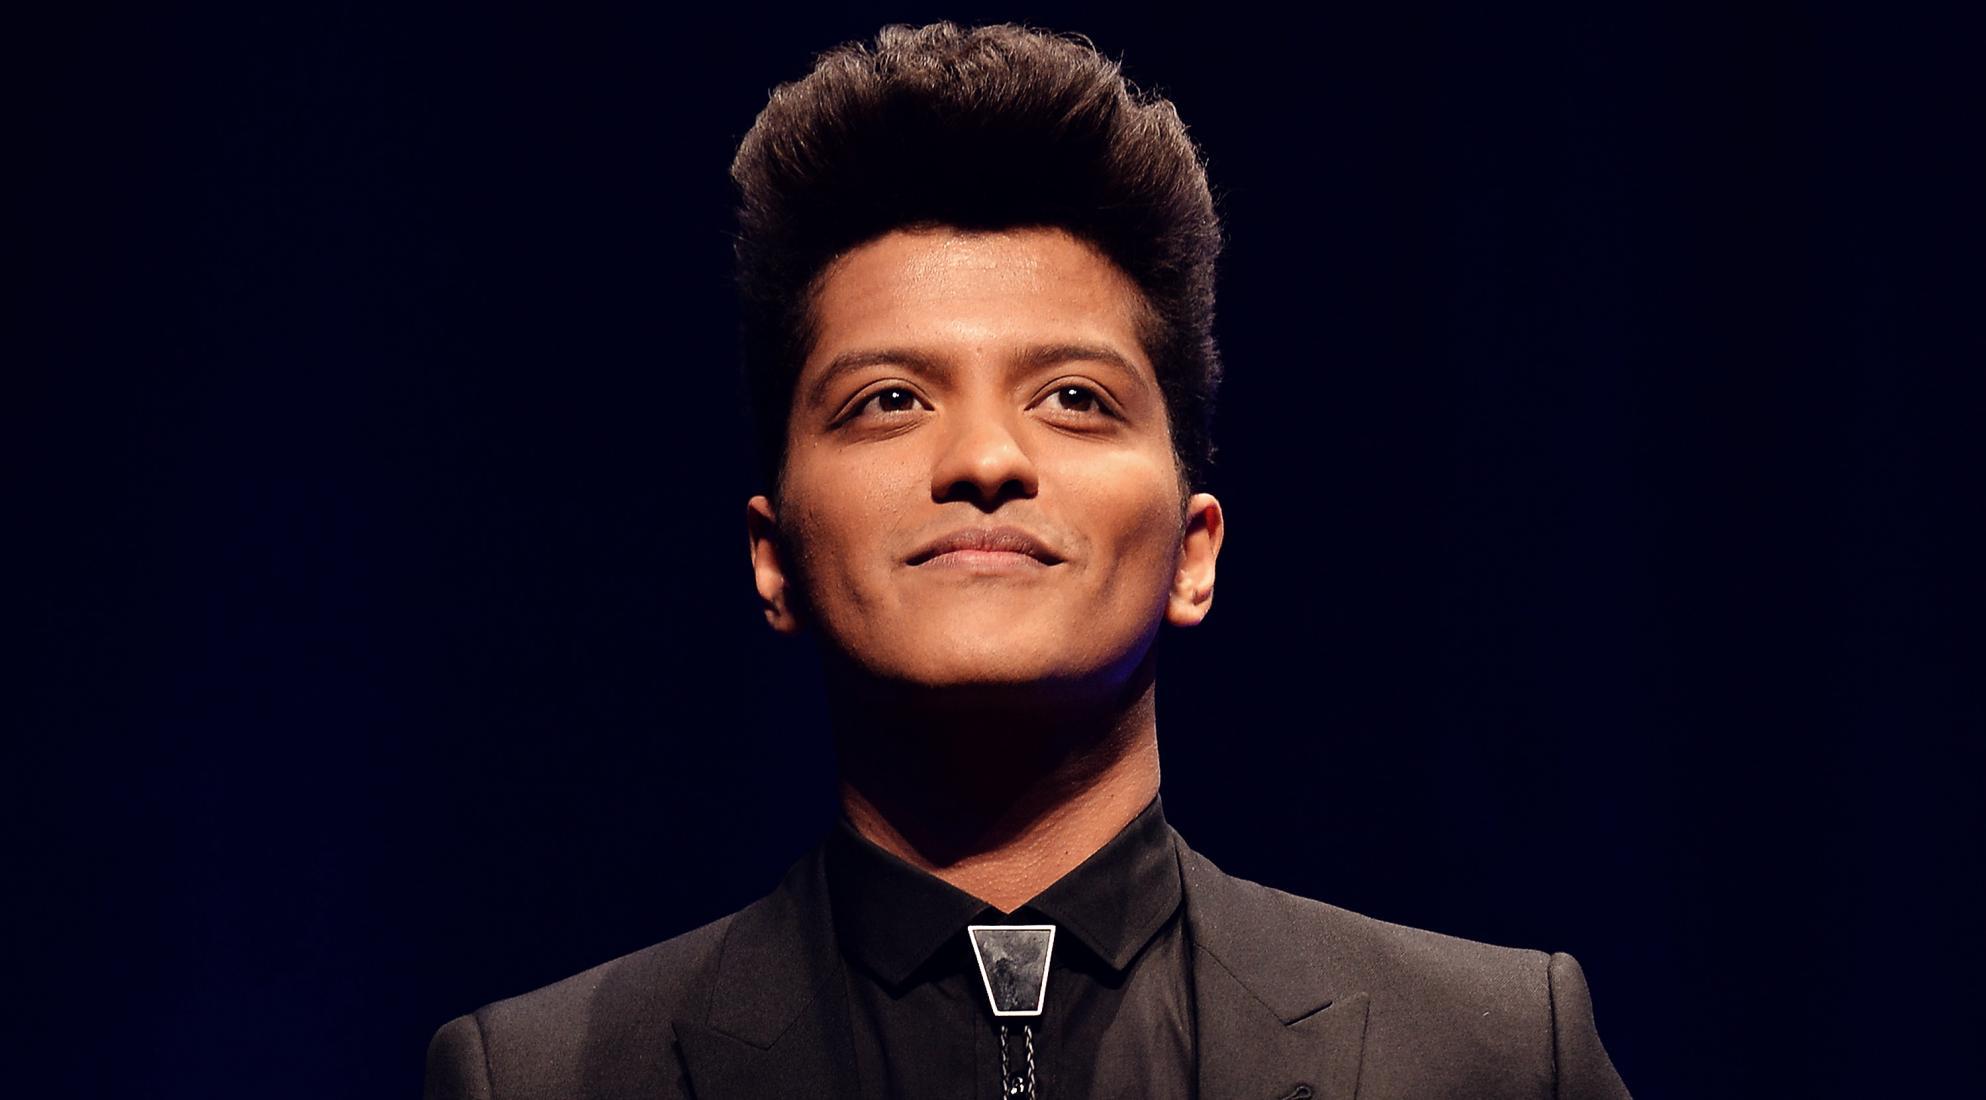 متن و ترجمه آهنگ های برونو مارس - Bruno Mars